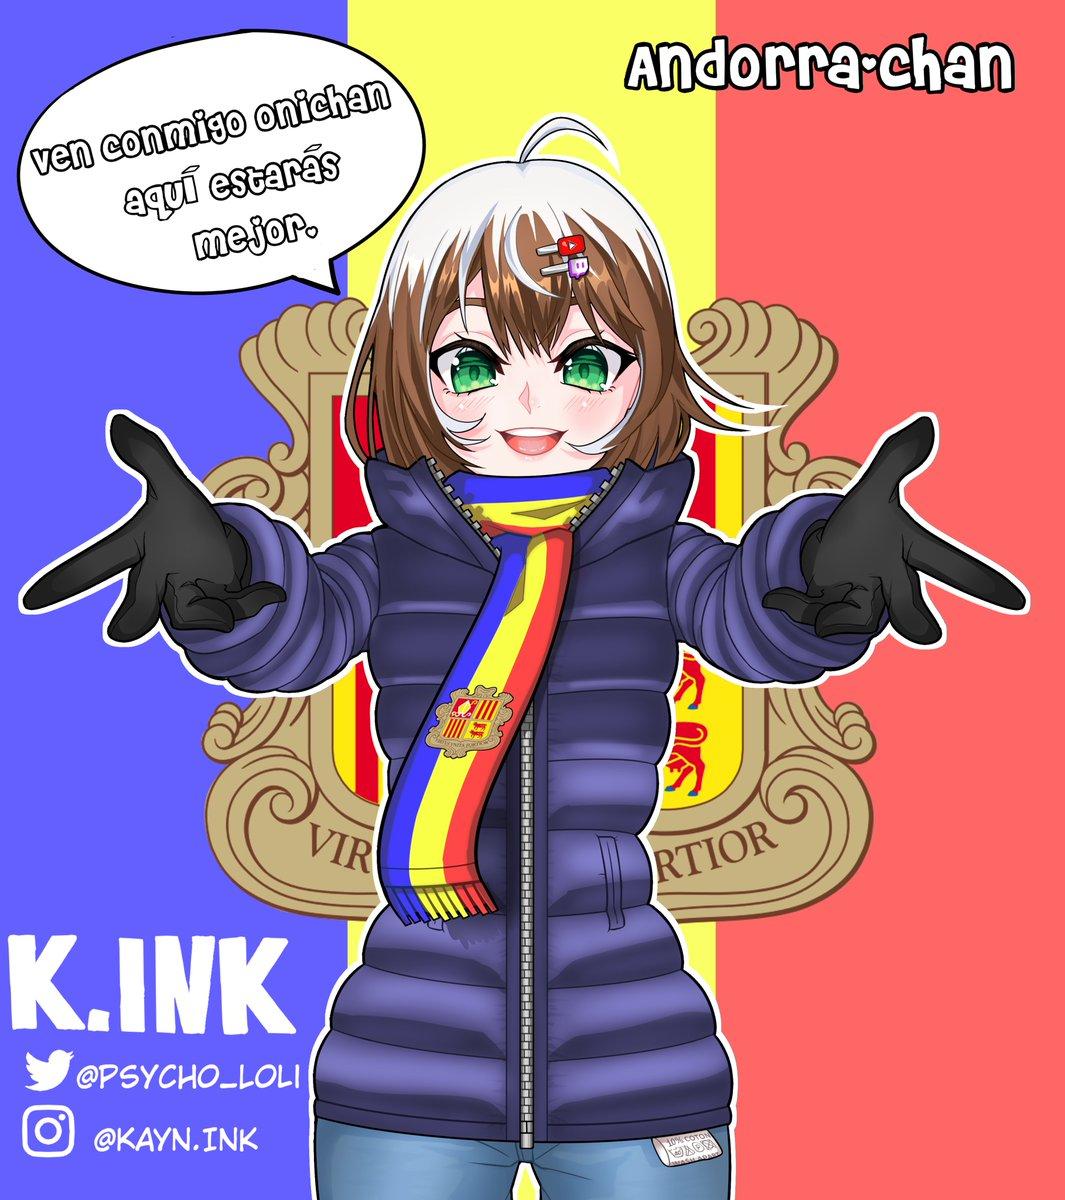 ¿Realmente vais a culpar a alguien de ir con ella con lo mona que es? #Andorra #anime #animegirl #digitalart #animeartist #rubiusfanart